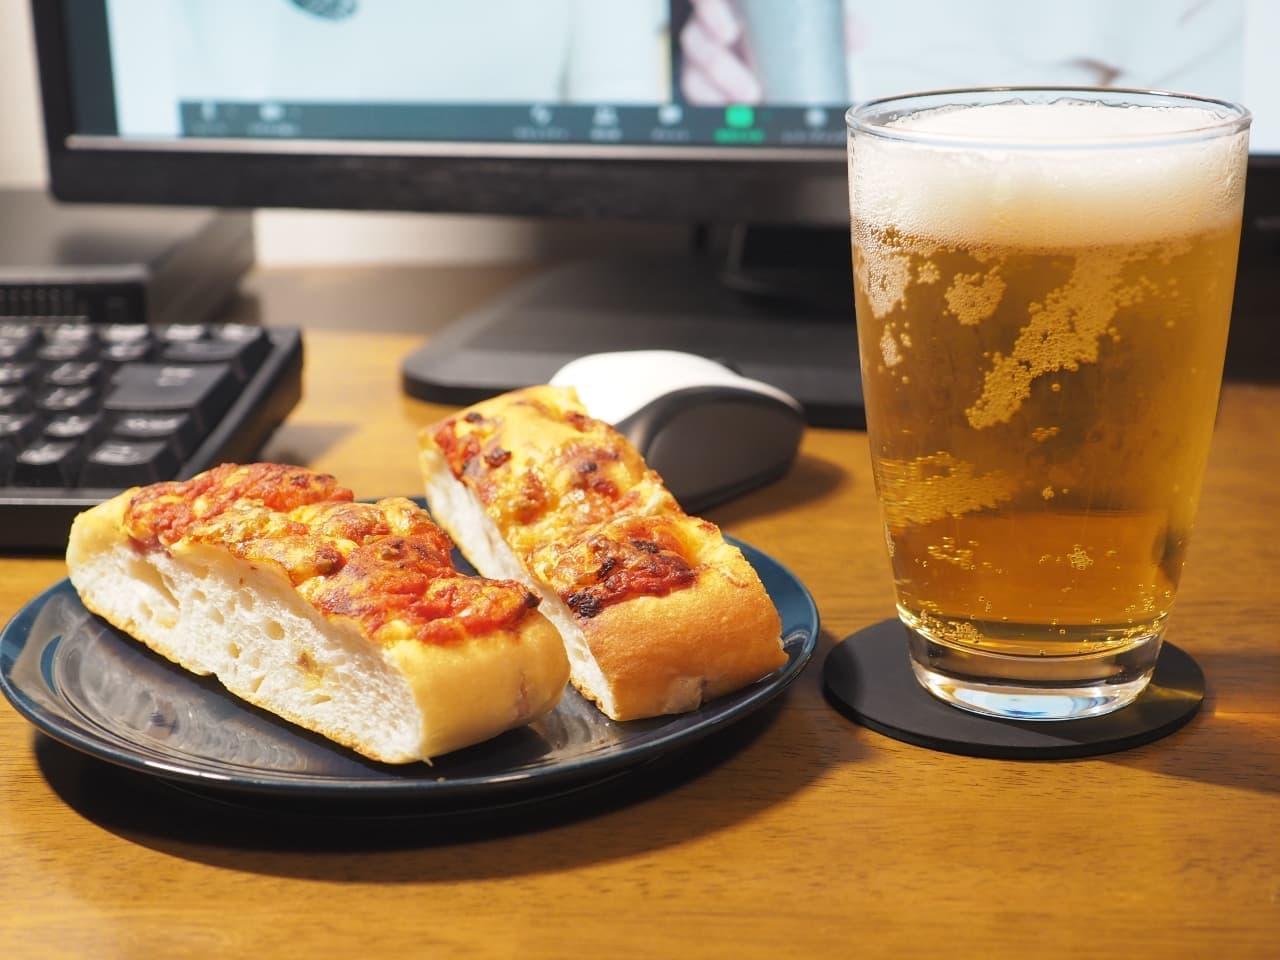 「トマト×ベーコン フォカッチャ」をつまみながらオンライン飲み会をする様子